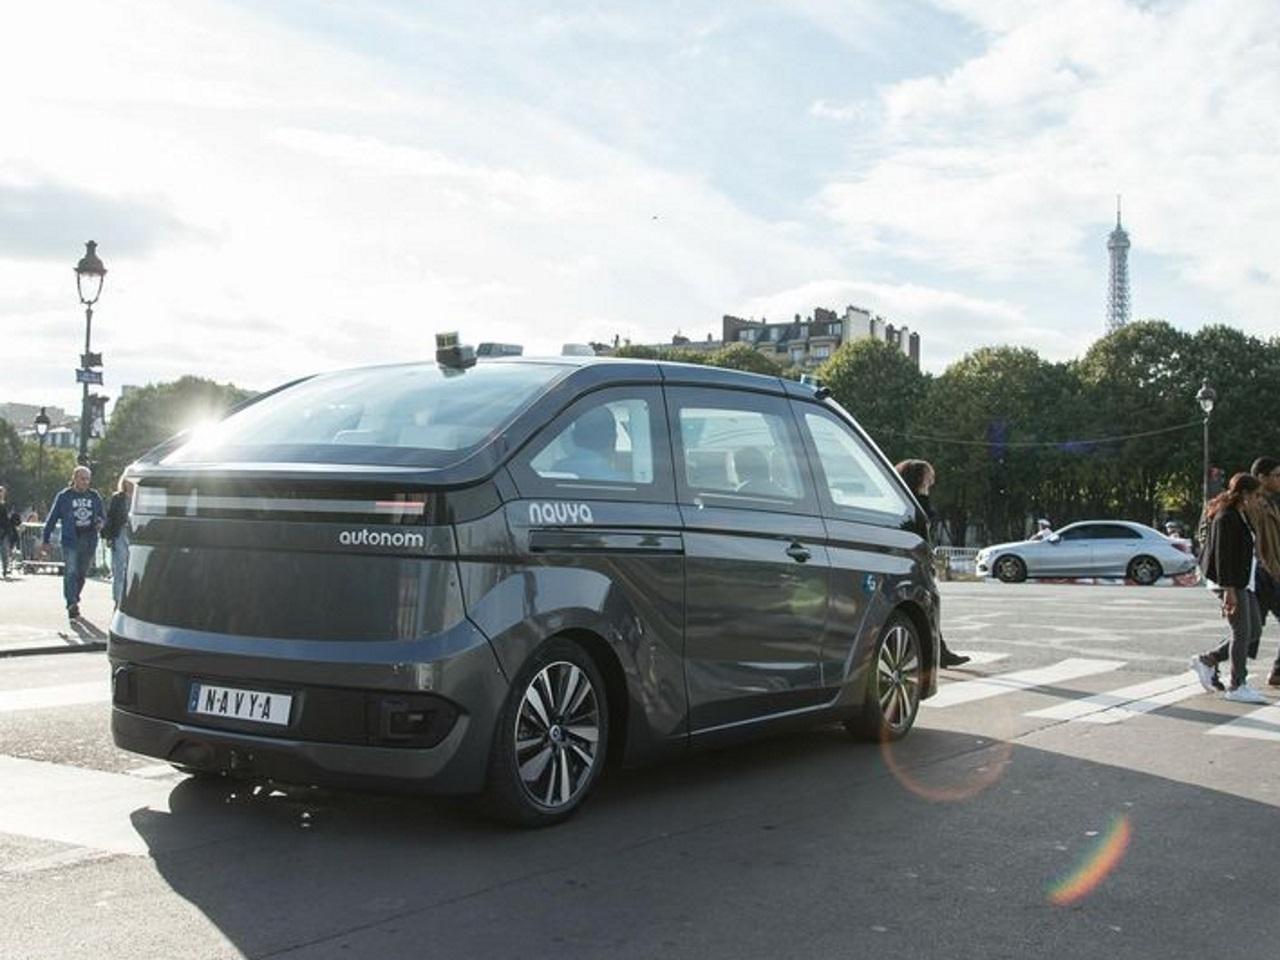 les lyonnais de navya lancent le robot taxi autonome. Black Bedroom Furniture Sets. Home Design Ideas